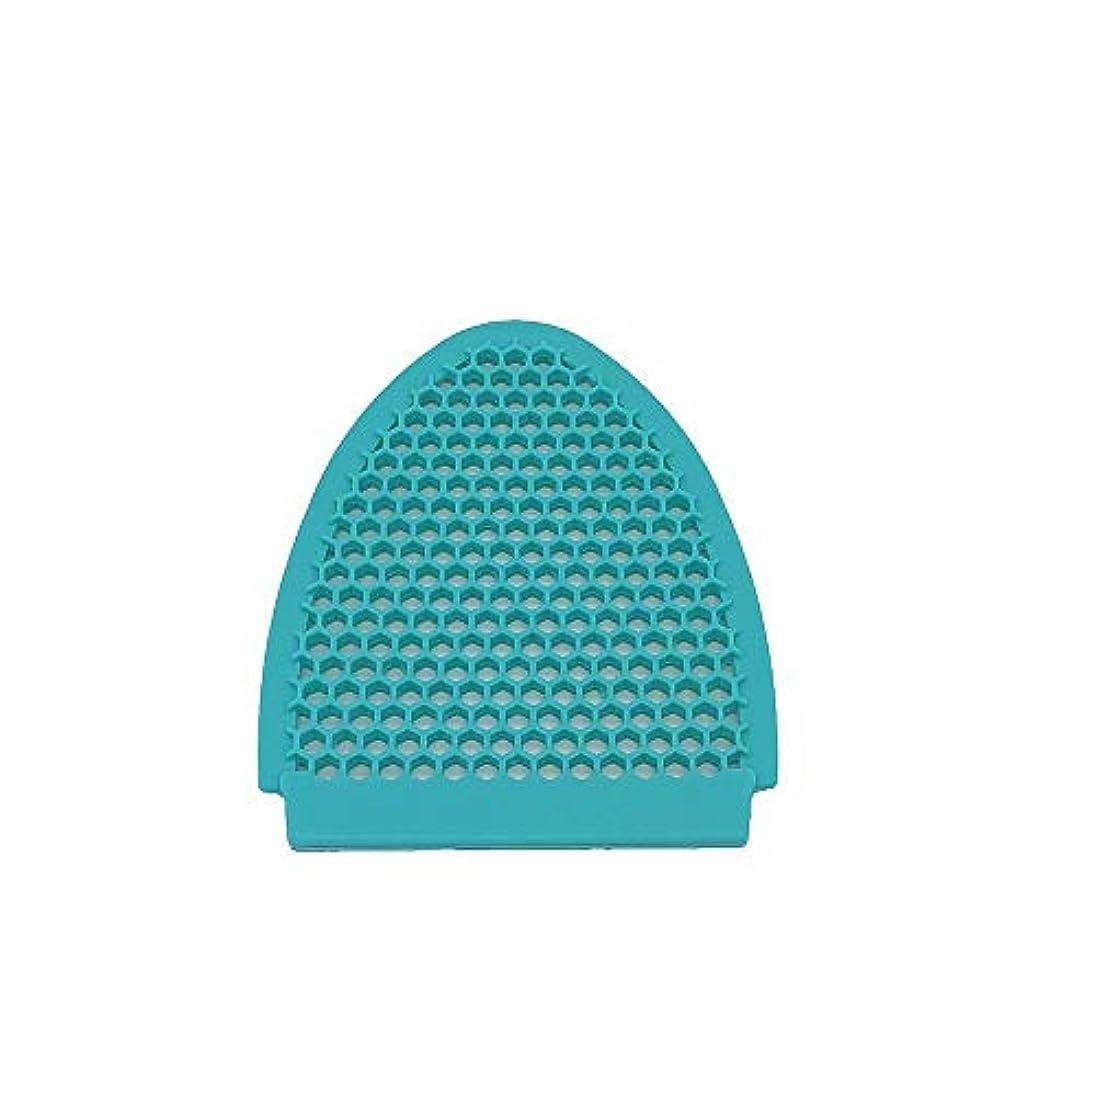 バラエティ路面電車大混乱5個セット シリコンブラシ シリコンスポンジ 洗顔 体洗い 多機能 角質除去 毛穴清潔 洗顔用フェイスブラシ (Color : Green)